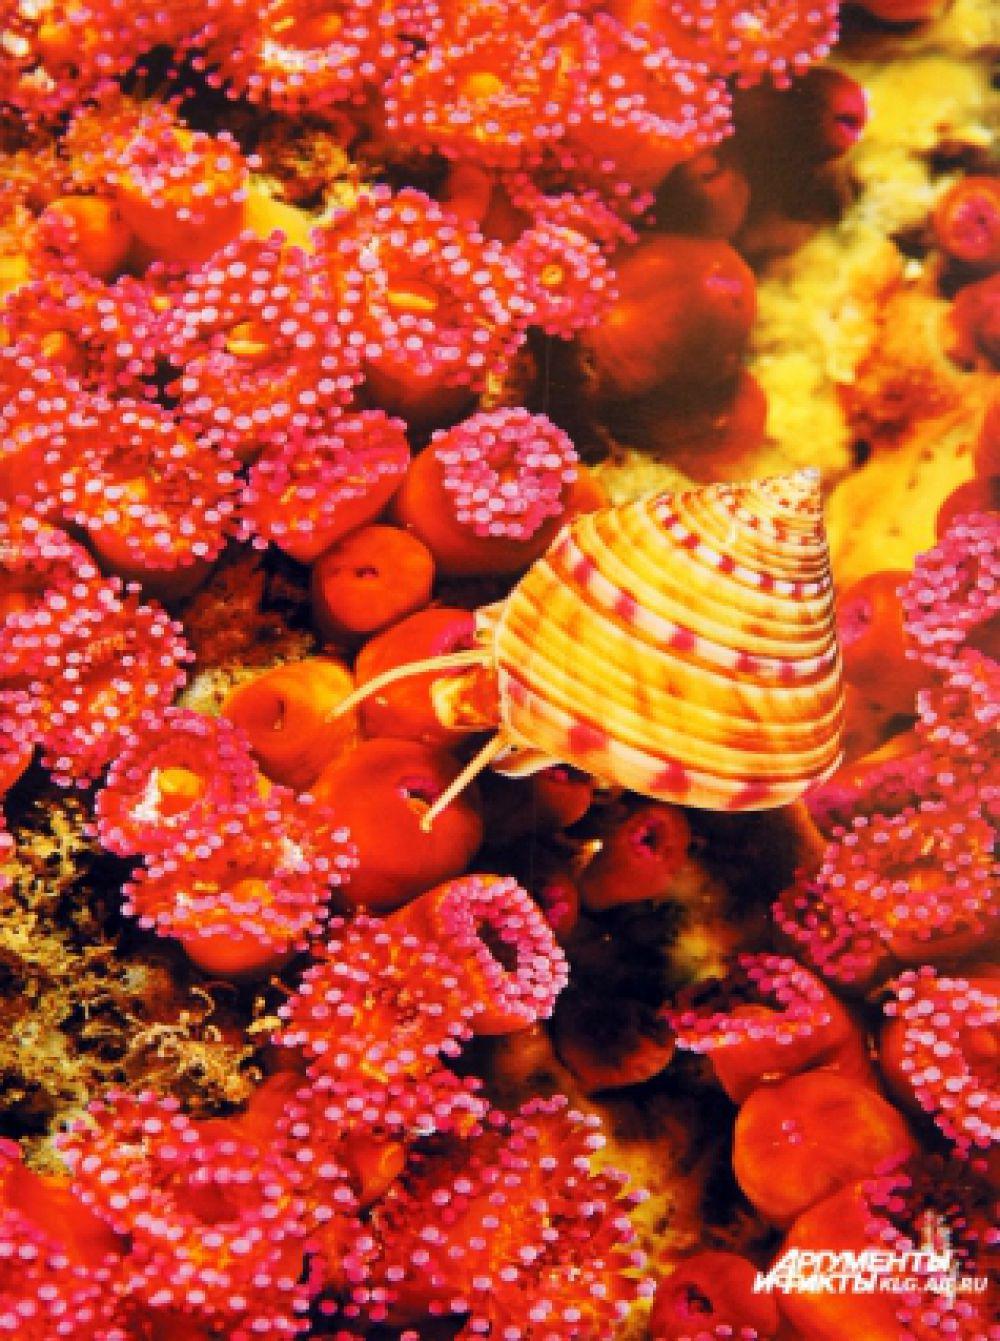 Розовые щупальца прячутся, как только моллюск сметает съестное с подвижных участков зеленой актинии. Снимок сделан Скерри в Ирландии в 2003 году.